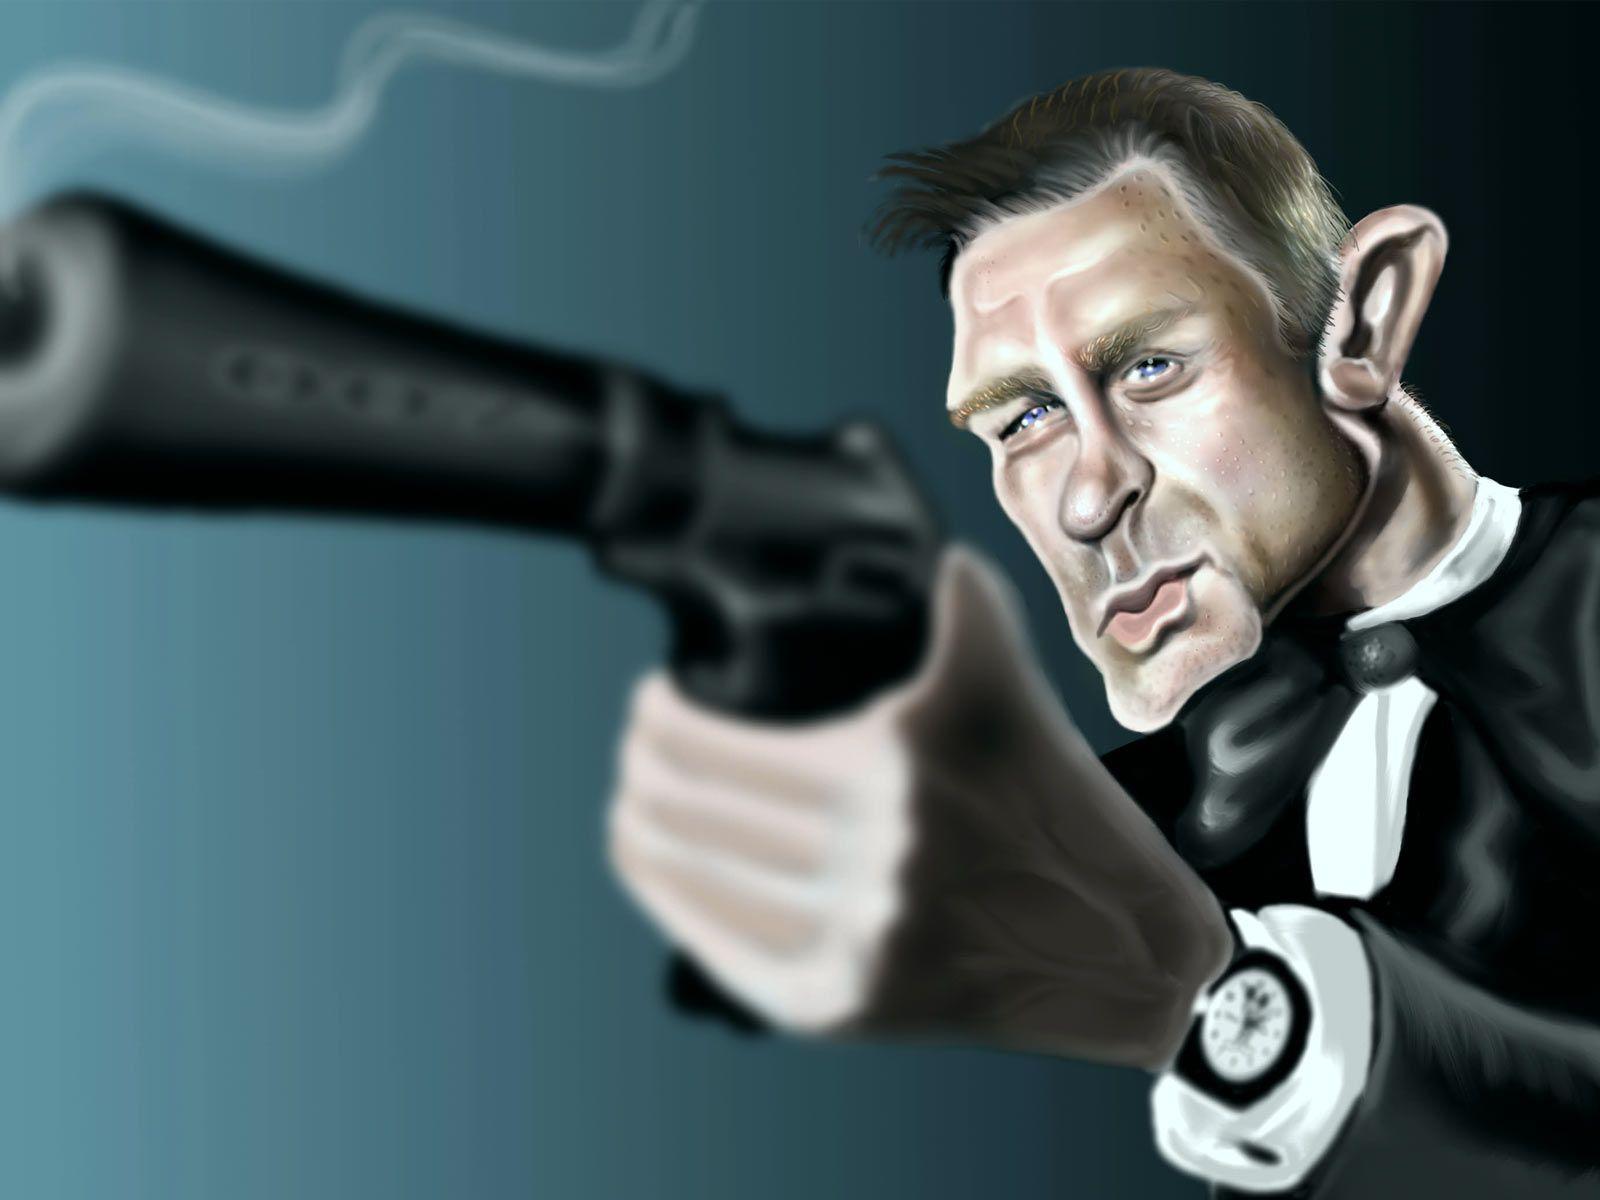 мне прикольные картинки 007 более сложные варианты